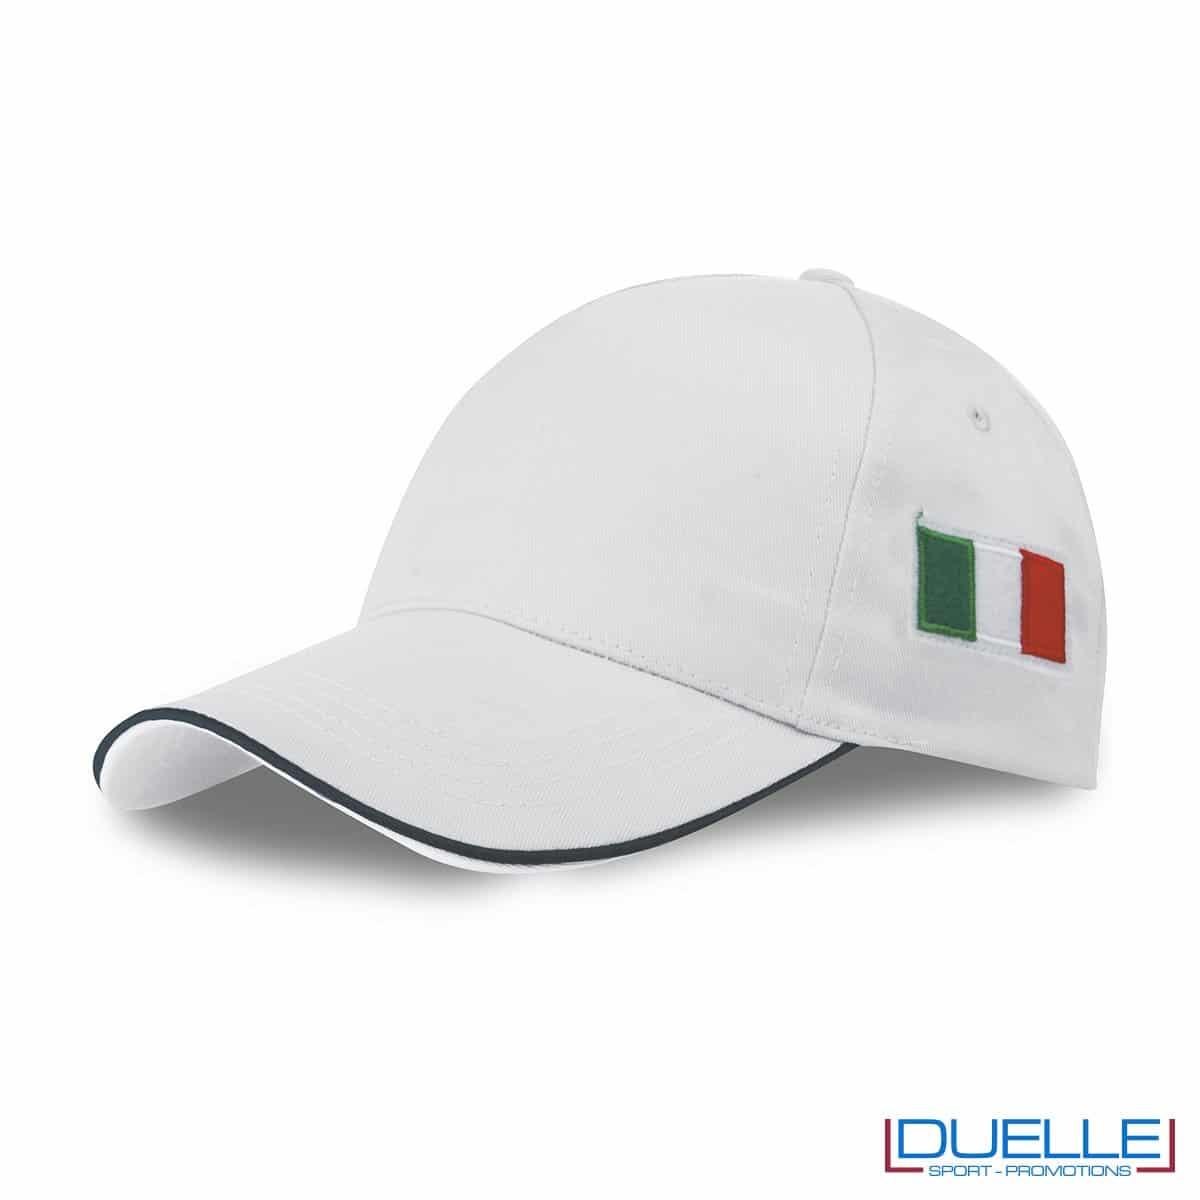 cappellino personalizzato 5 pannelli con bandiera tricolore colore bianco